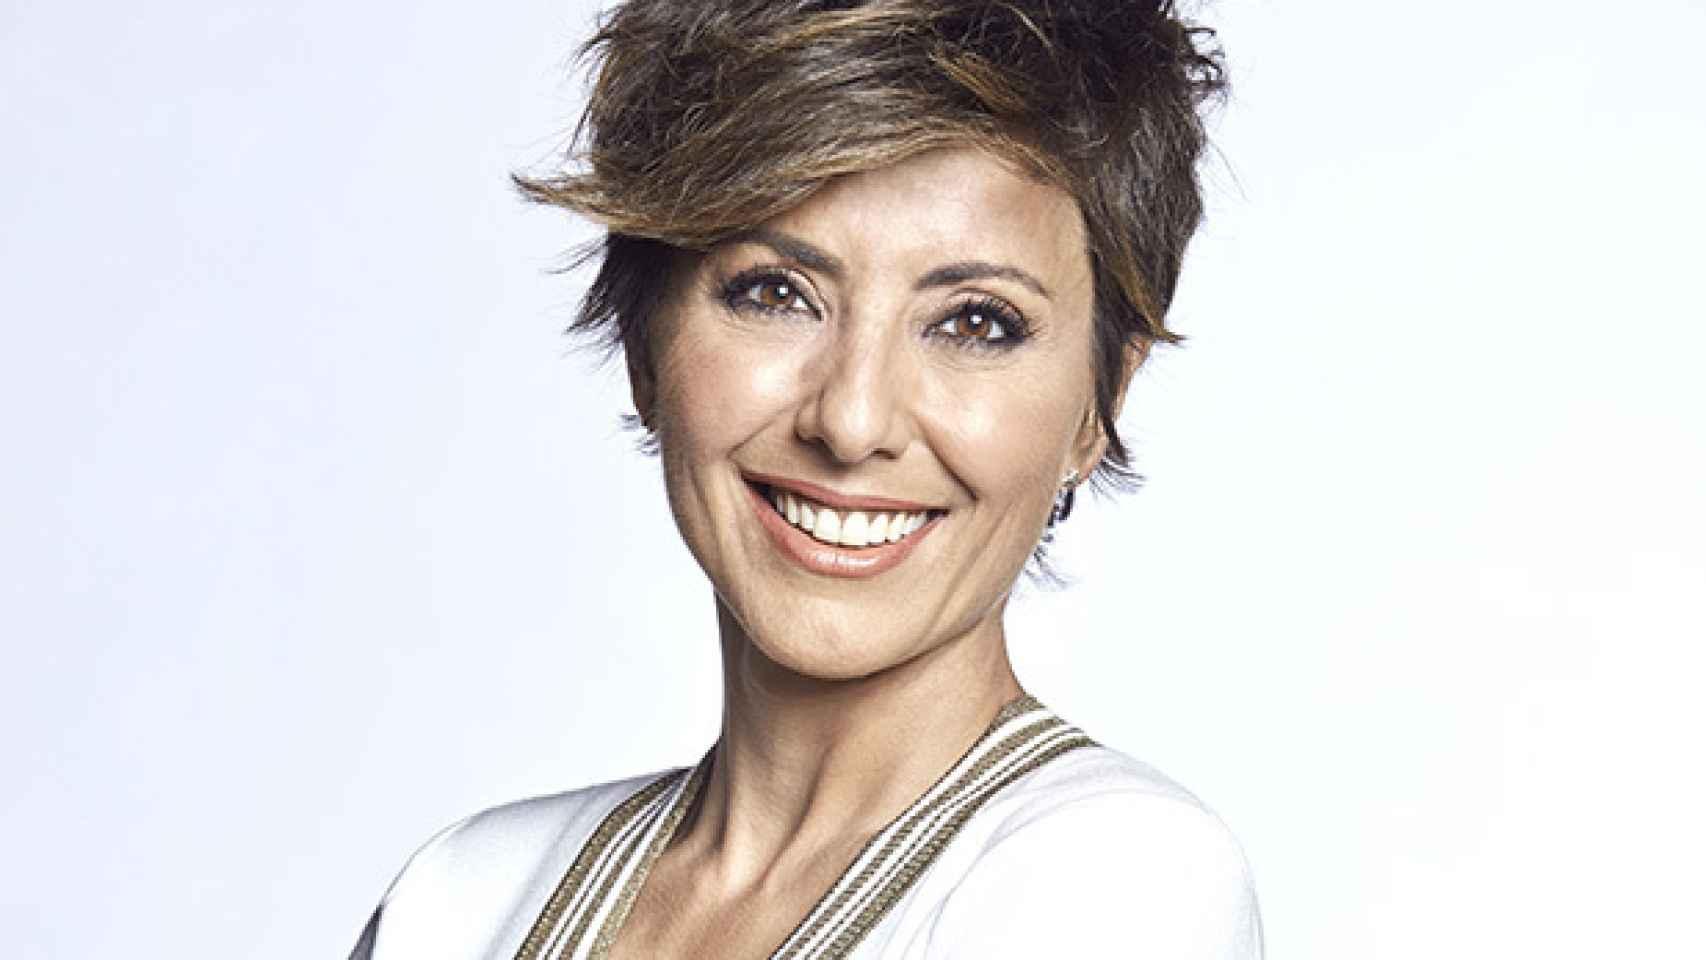 Sonsoles Ónega, en una imagen oficial de Mediaset.